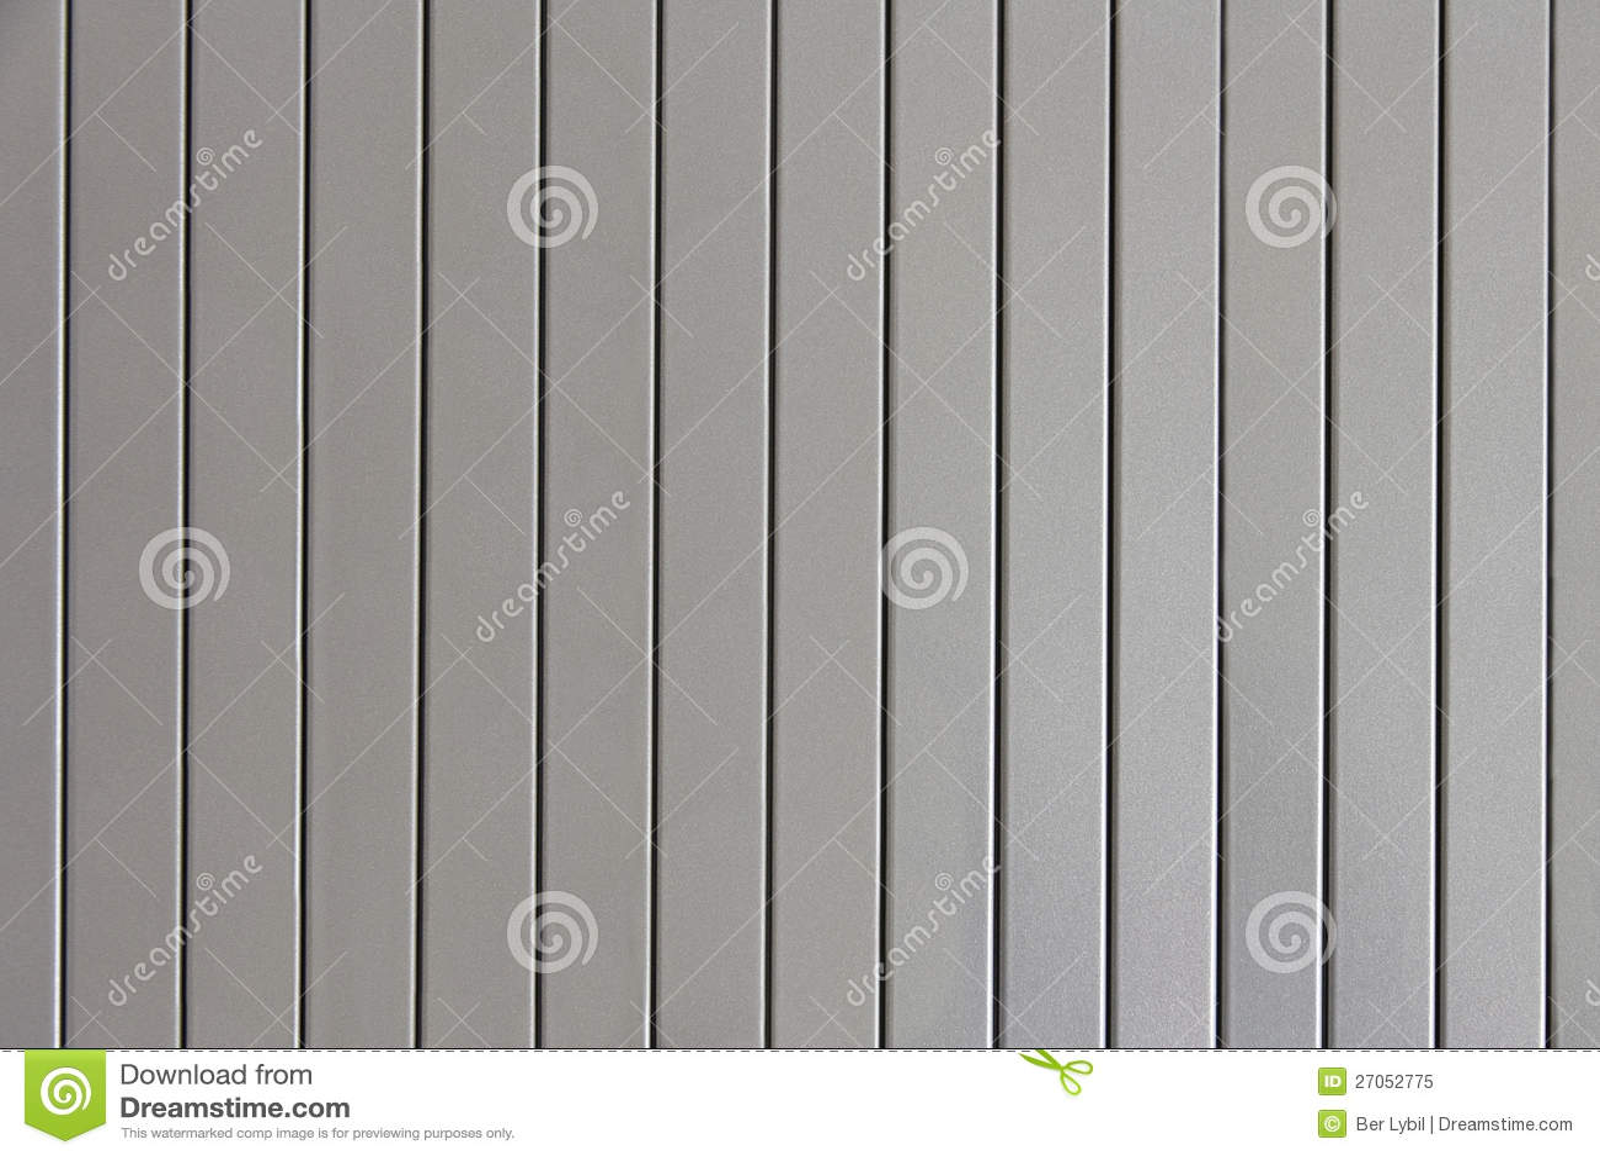 Aluminium Sliding Door Texture Stock Image Image 27052775